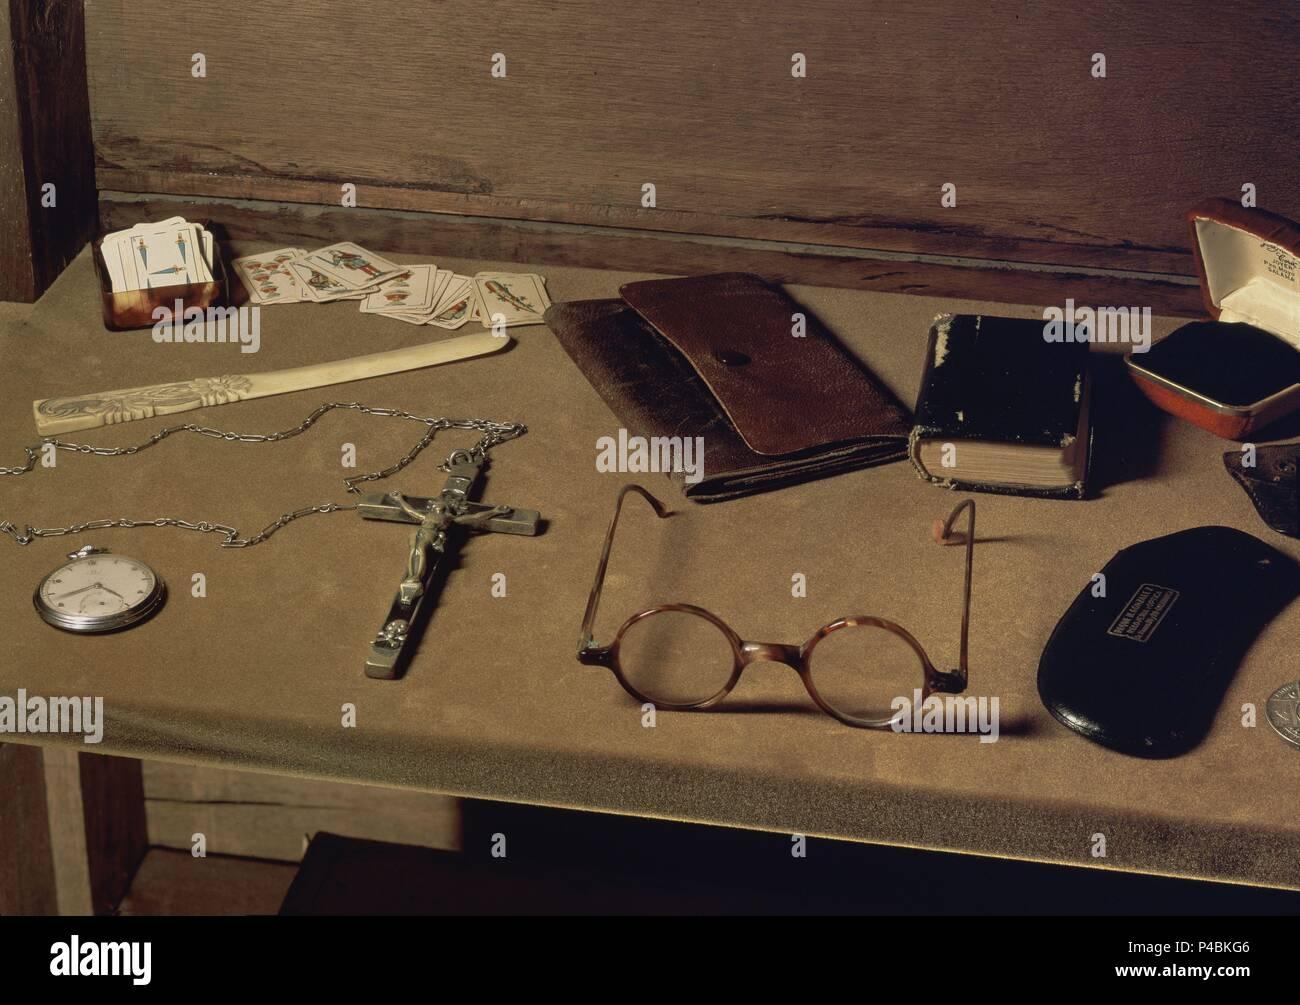 BIBLIOTECA - ENSERES PERSONALES DE UNAMUNO - CARTERA, GAFAS, RELOJ. Location: CASA MUSEO UNAMUNO, SALAMANCA, SPAIN. - Stock Image